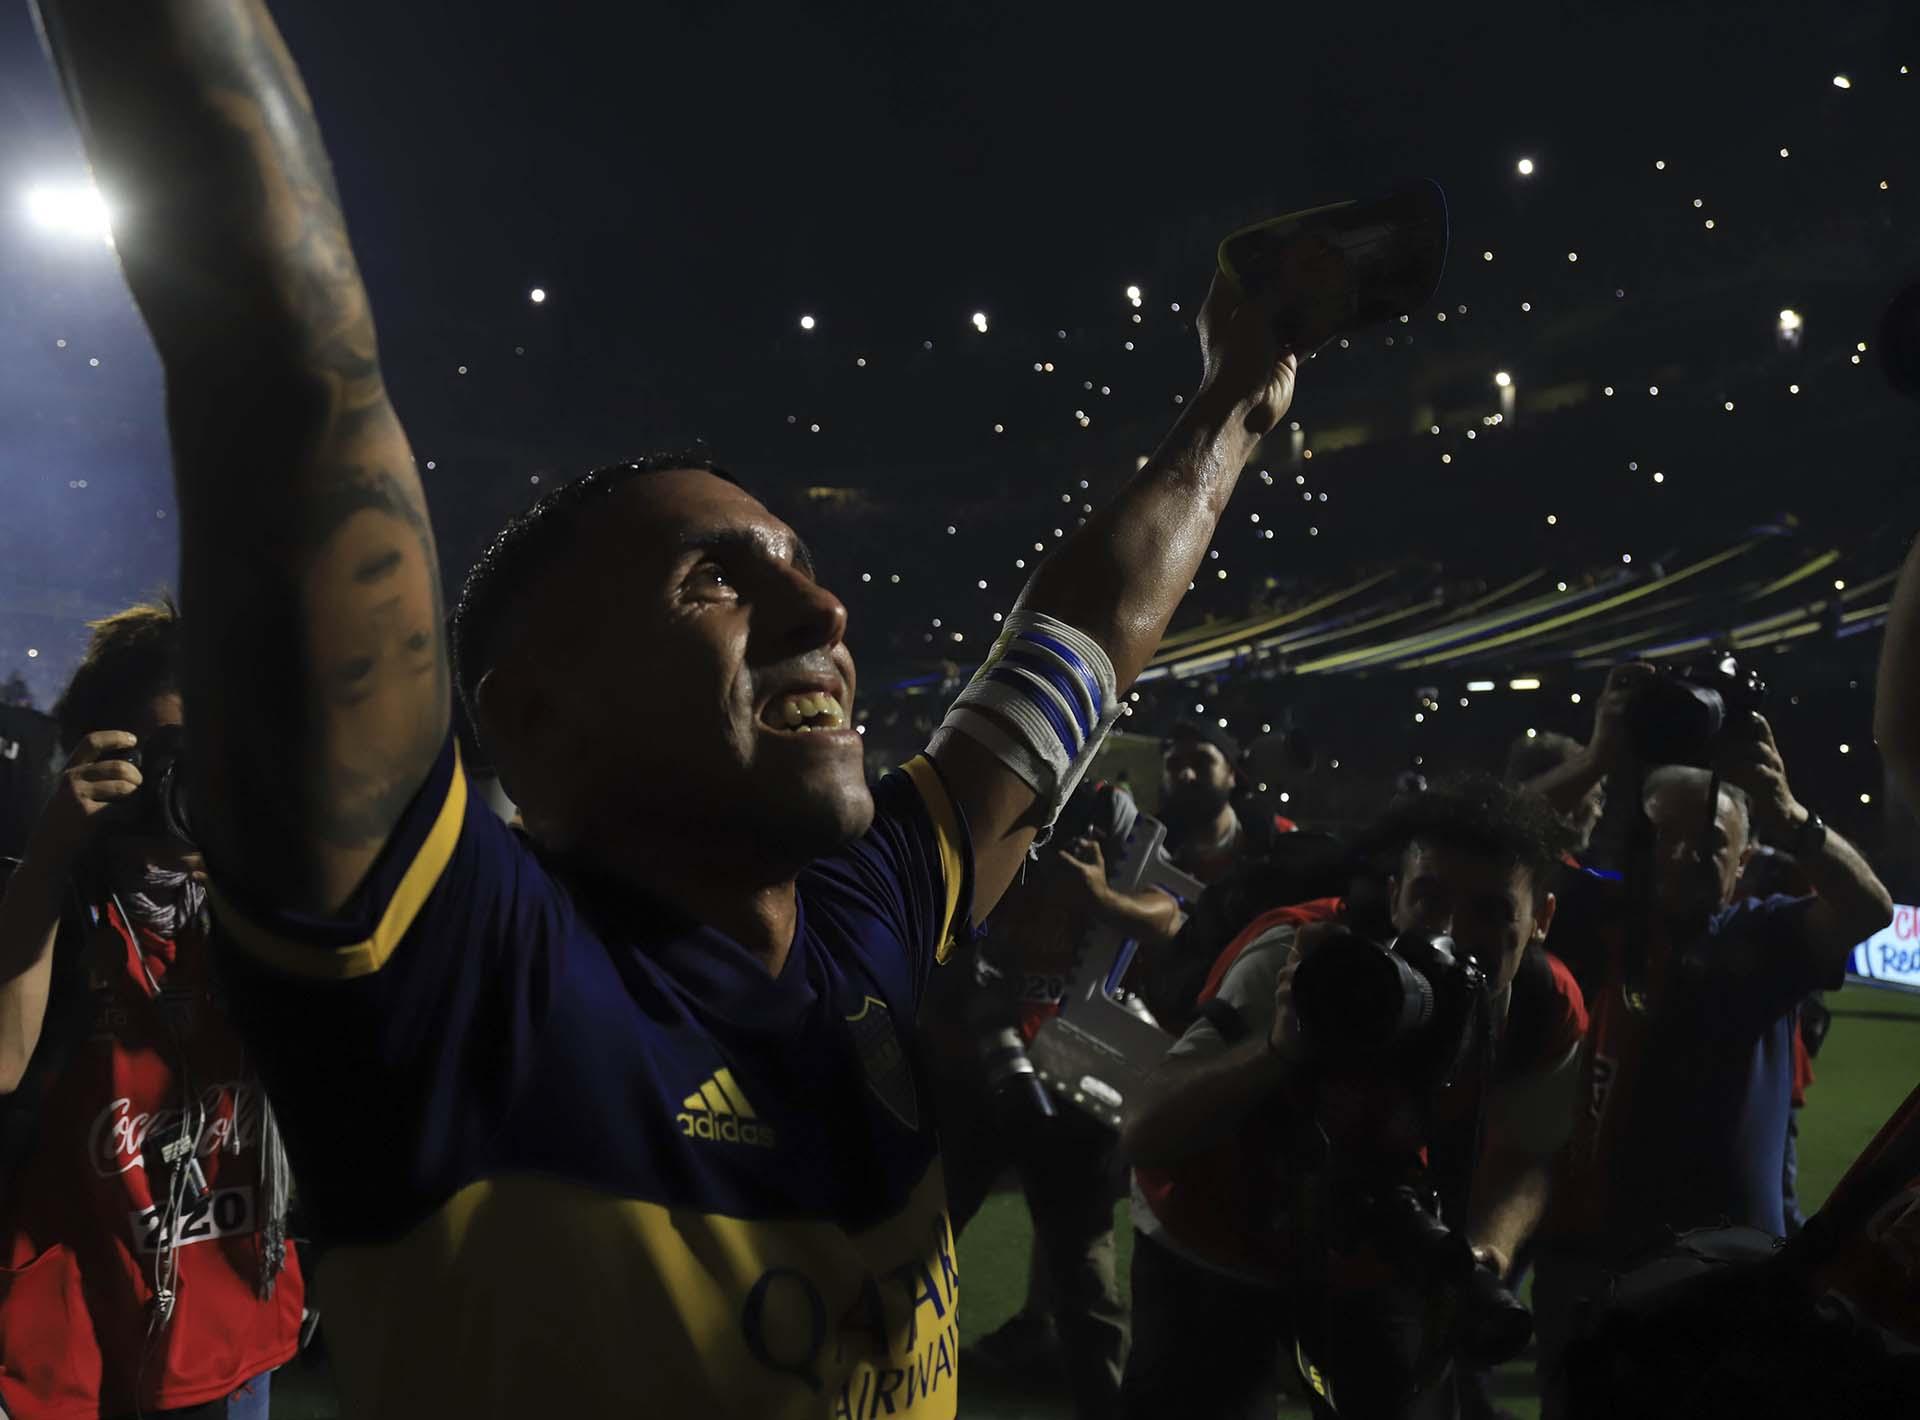 La felicidad de Carlitos Tevez: Boca se coronó campeón de la Superliga, al imponerse por 1 a 0 sobre Gimnasia y Esgrima La Plata, en la Bombonera, arrebatándole el título a River, que empató con Atlético Tucumán como visitante